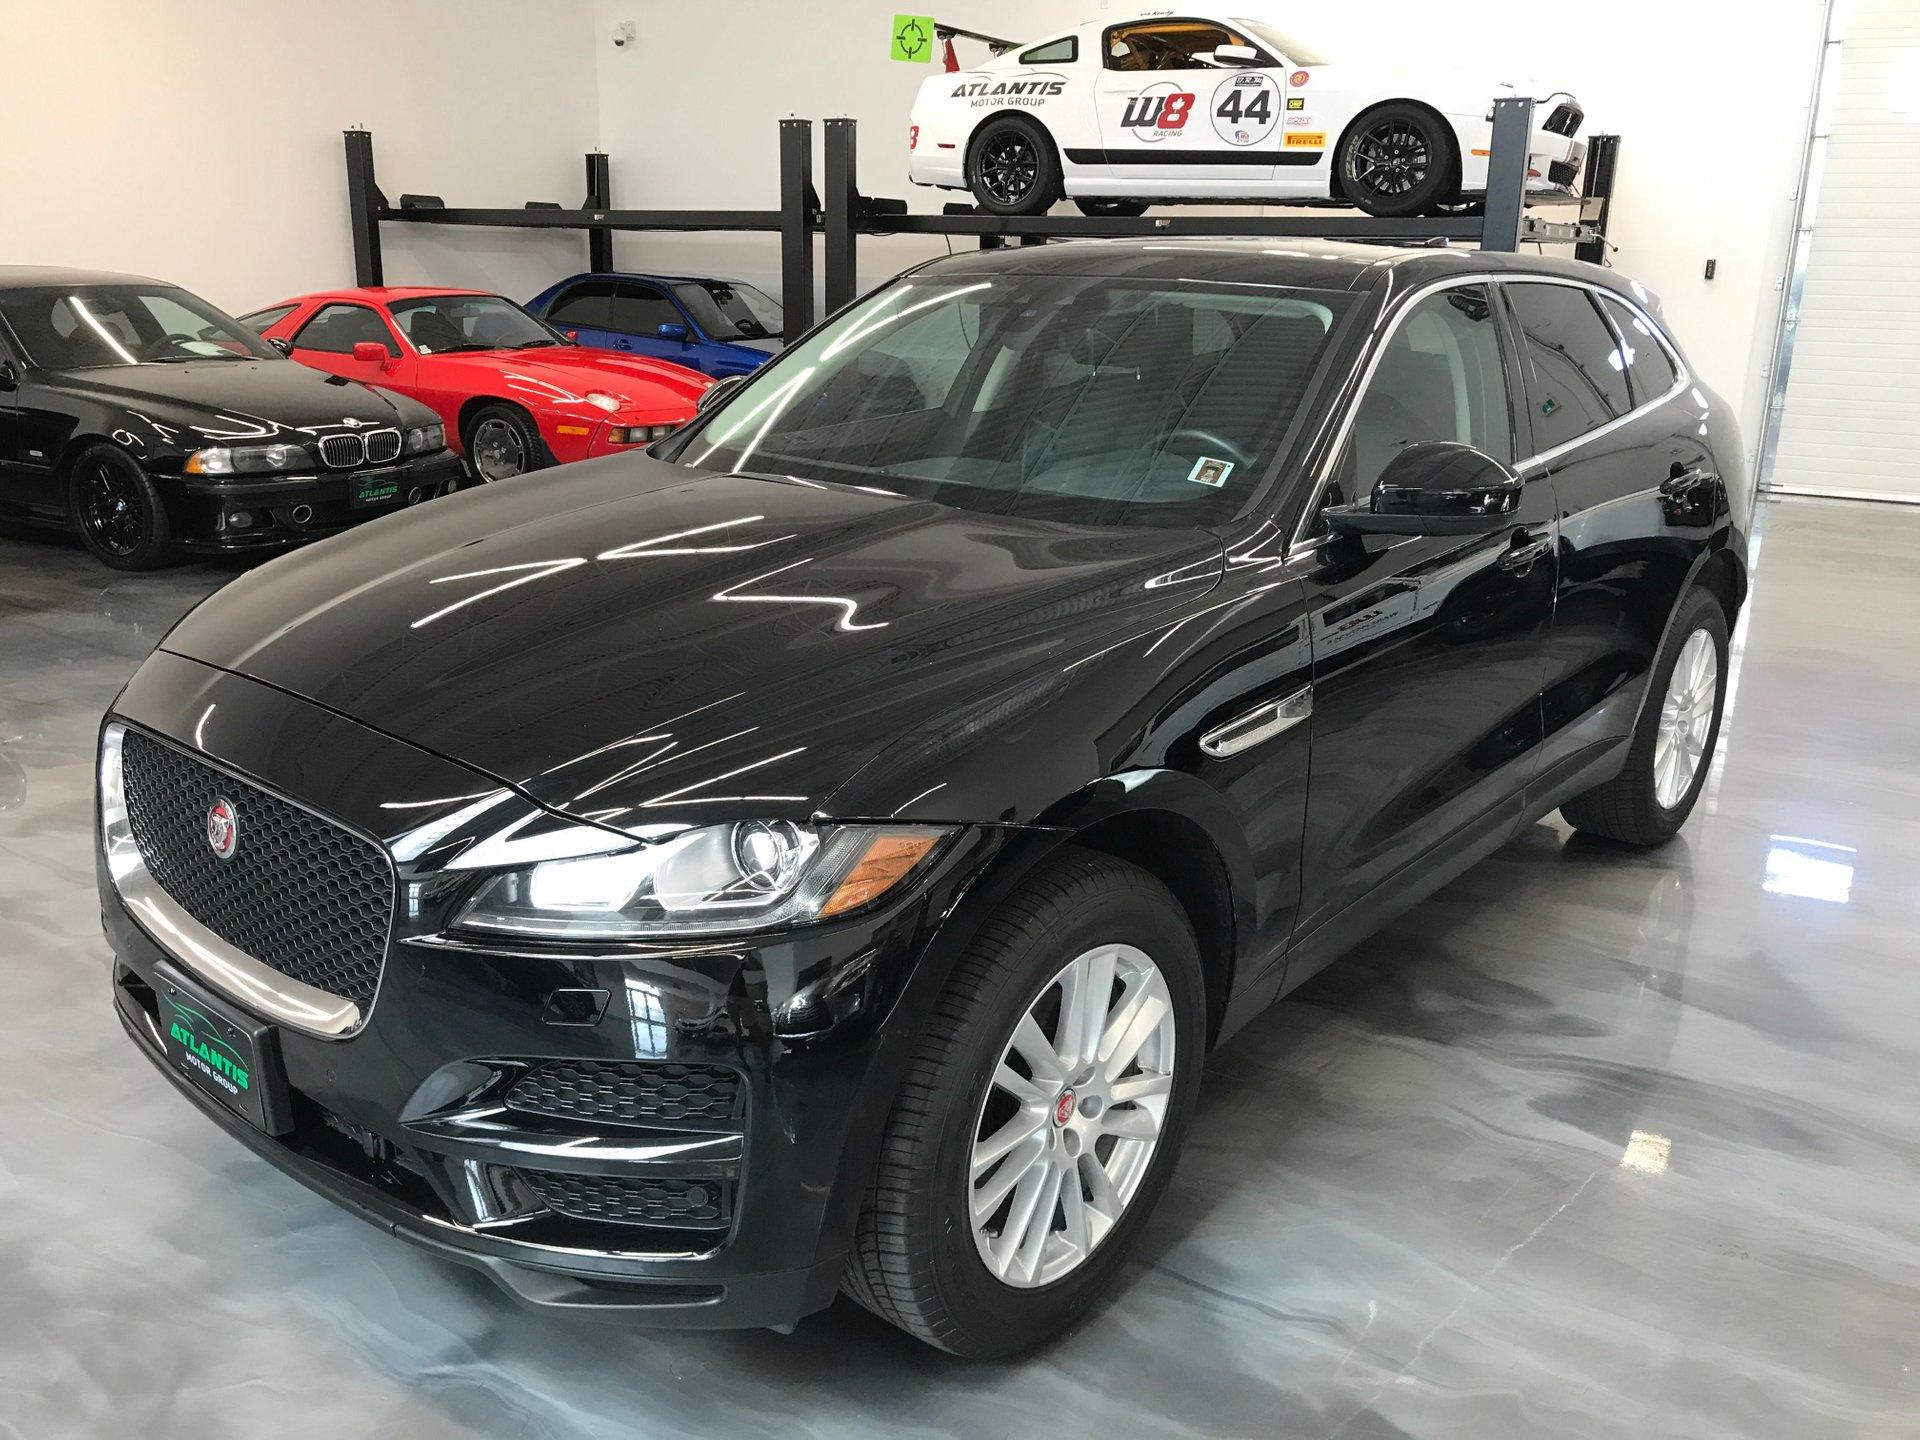 2019 jaguar f pace 25t prestige awd